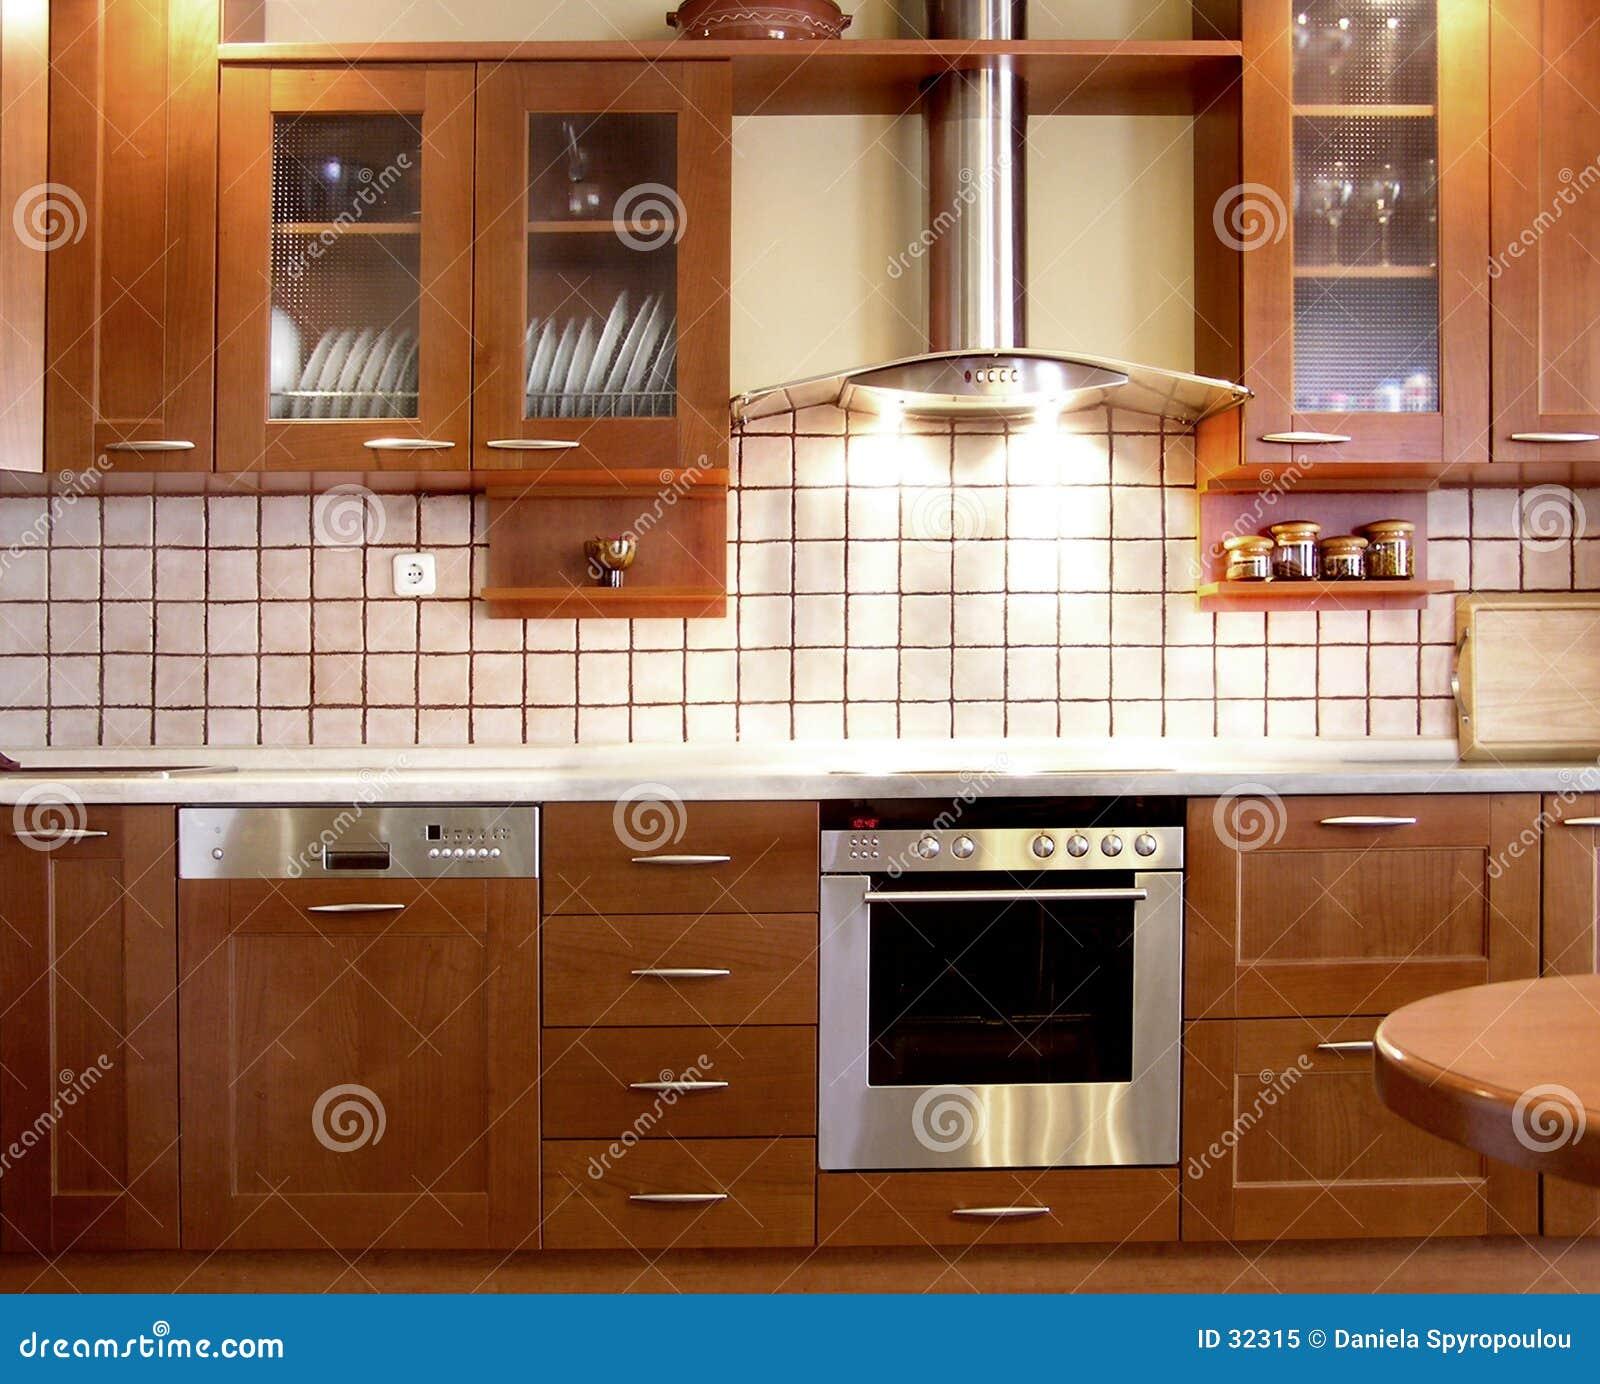 Diseño De La Cocina De La Cereza Imagen de archivo - Imagen de casa ...